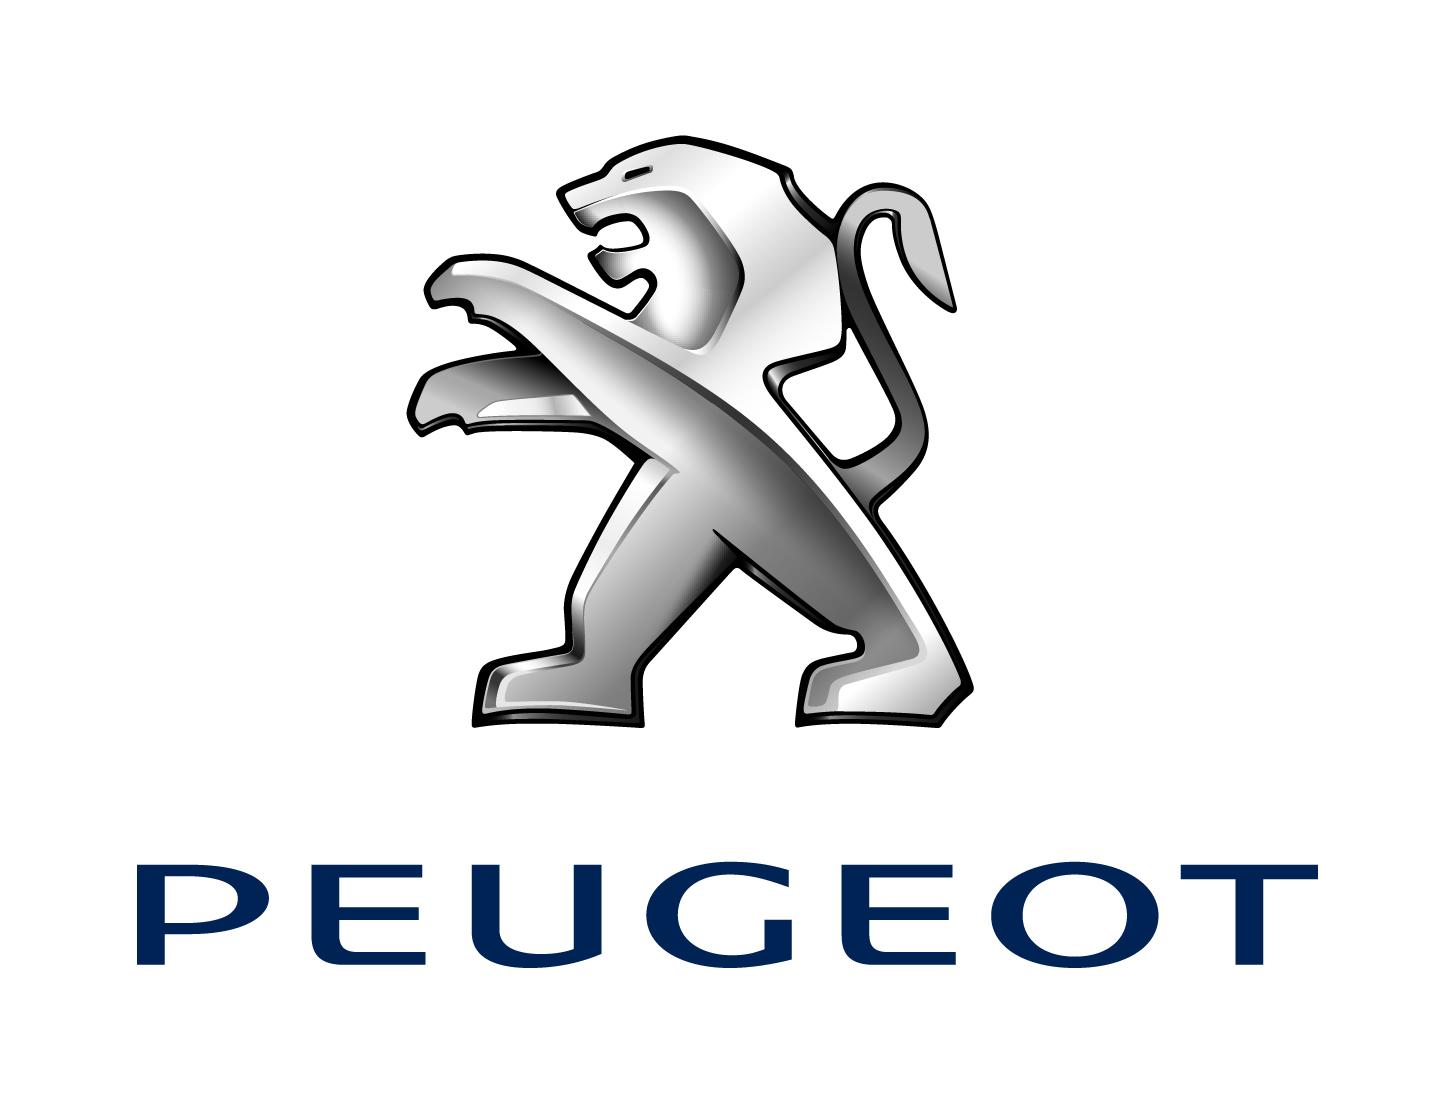 2014 - Peugeot